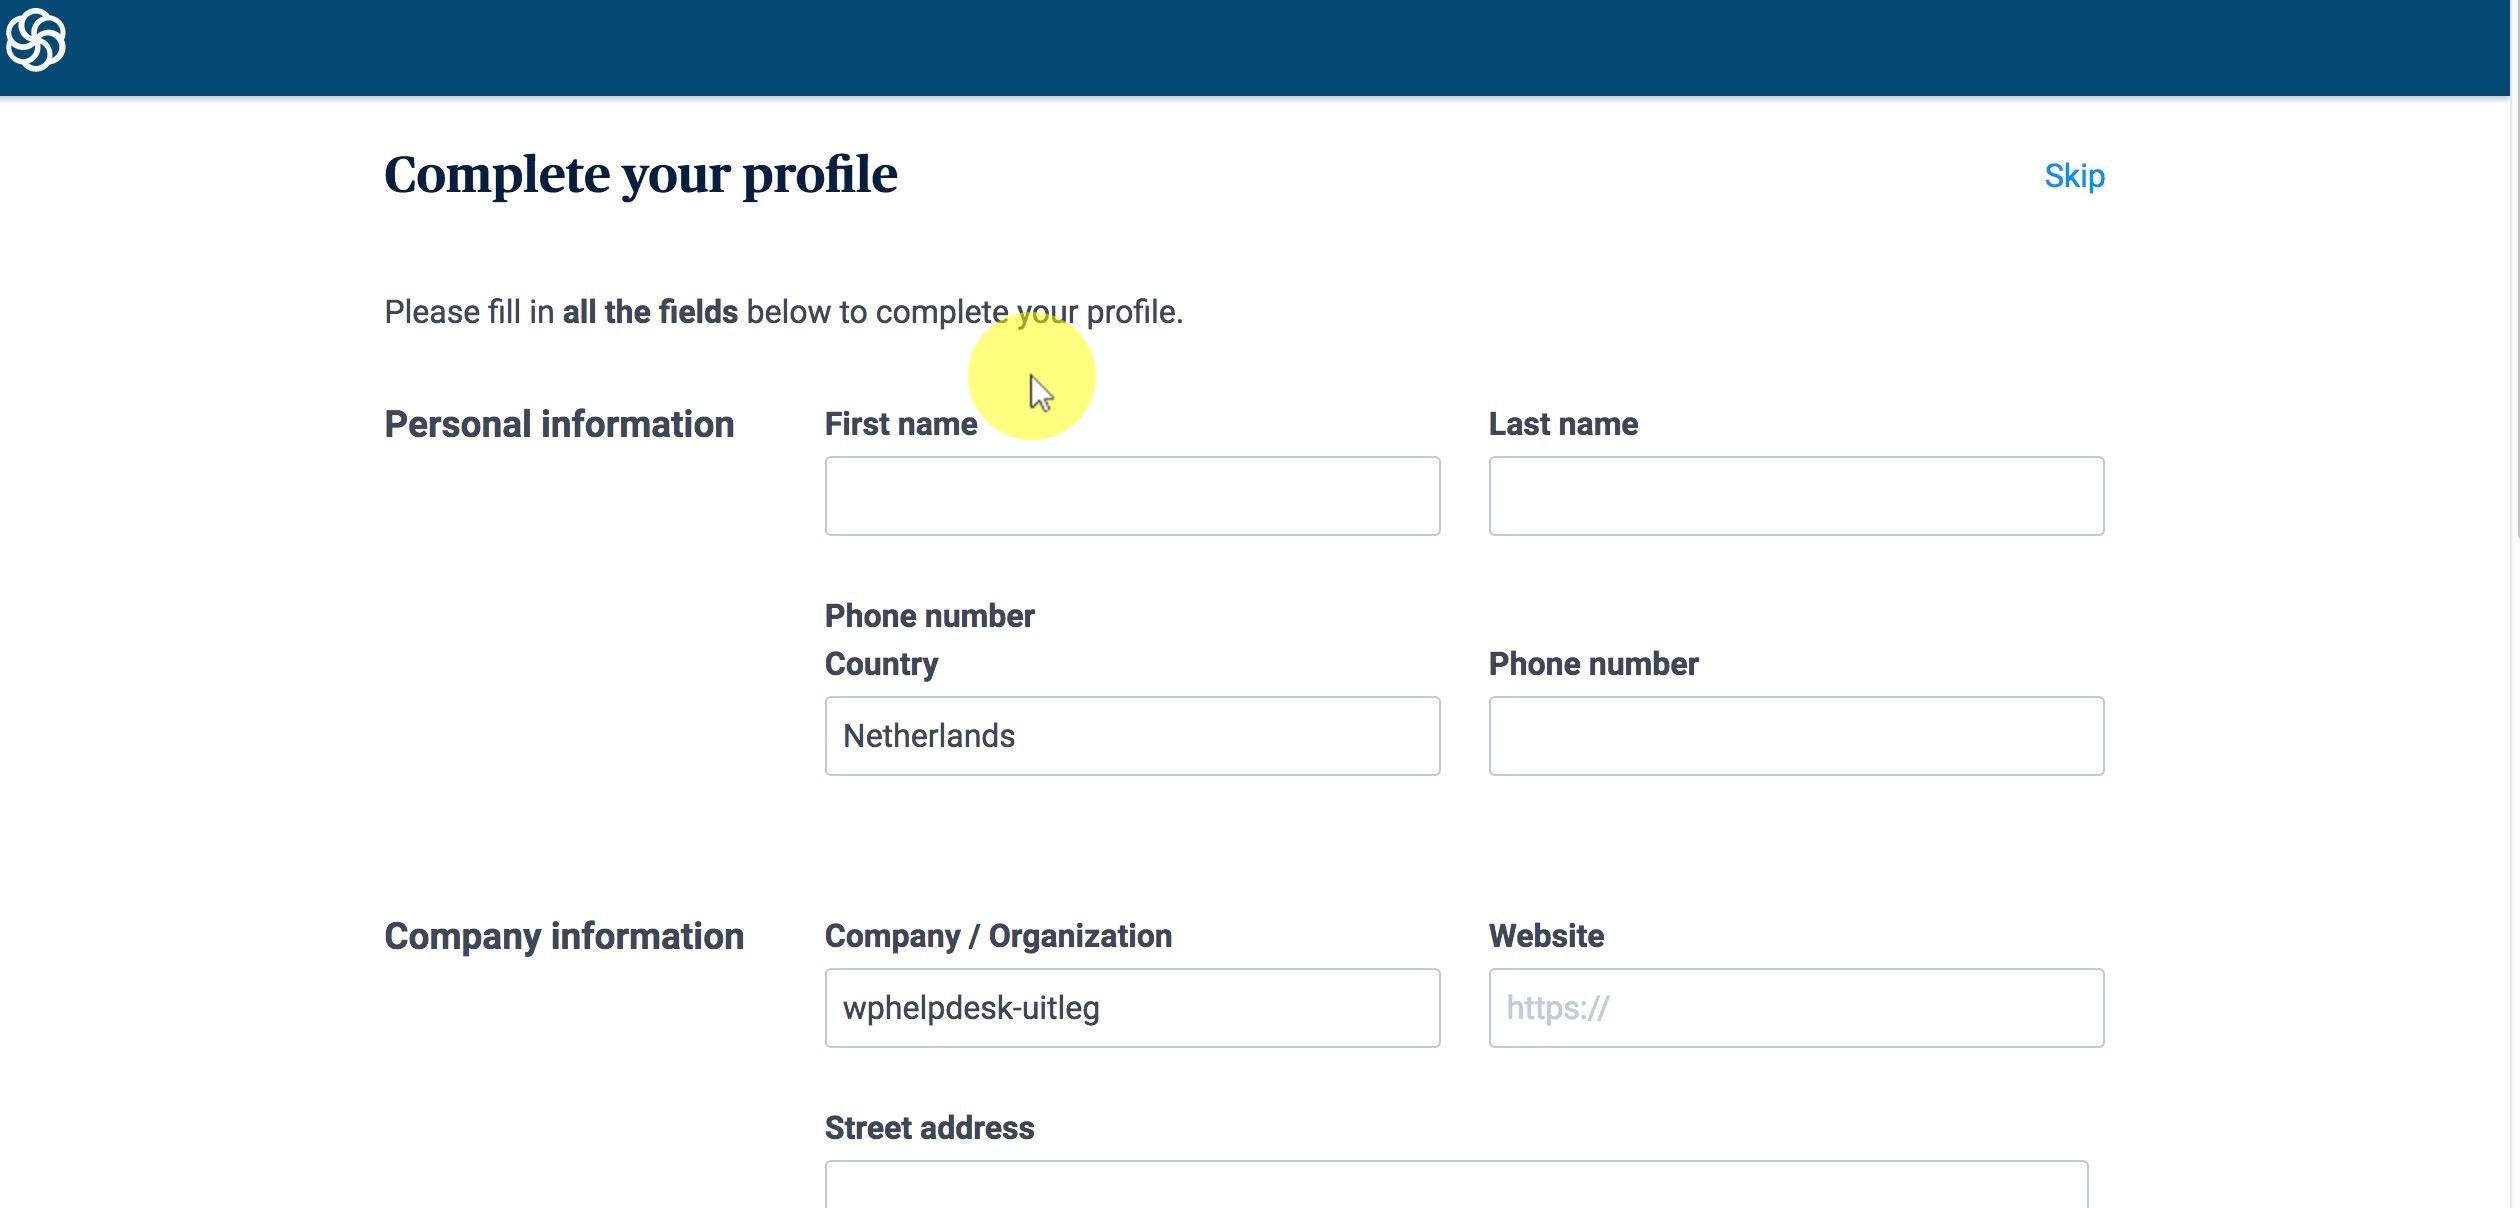 Volg de stappen om je profiel compleet te maken. Klik onderaan de pagina op Complete my profile